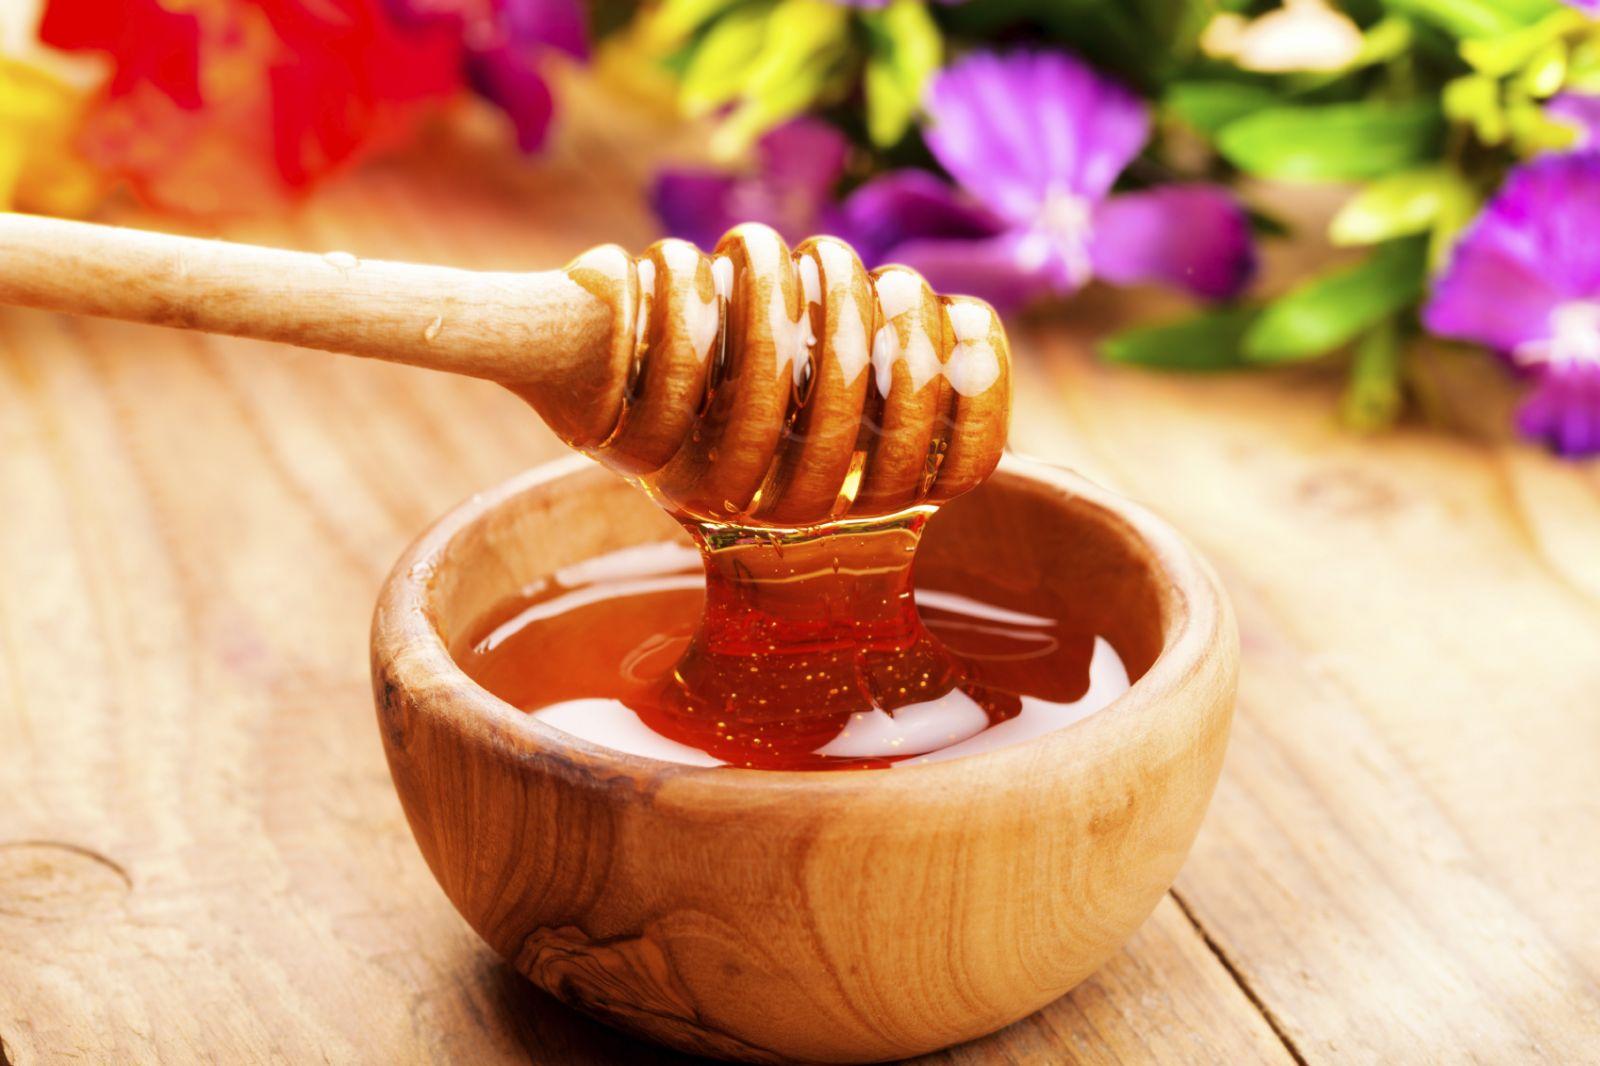 Dùng mật ong làm gia vị nấu ăn cho bé được giữ ấm tốt